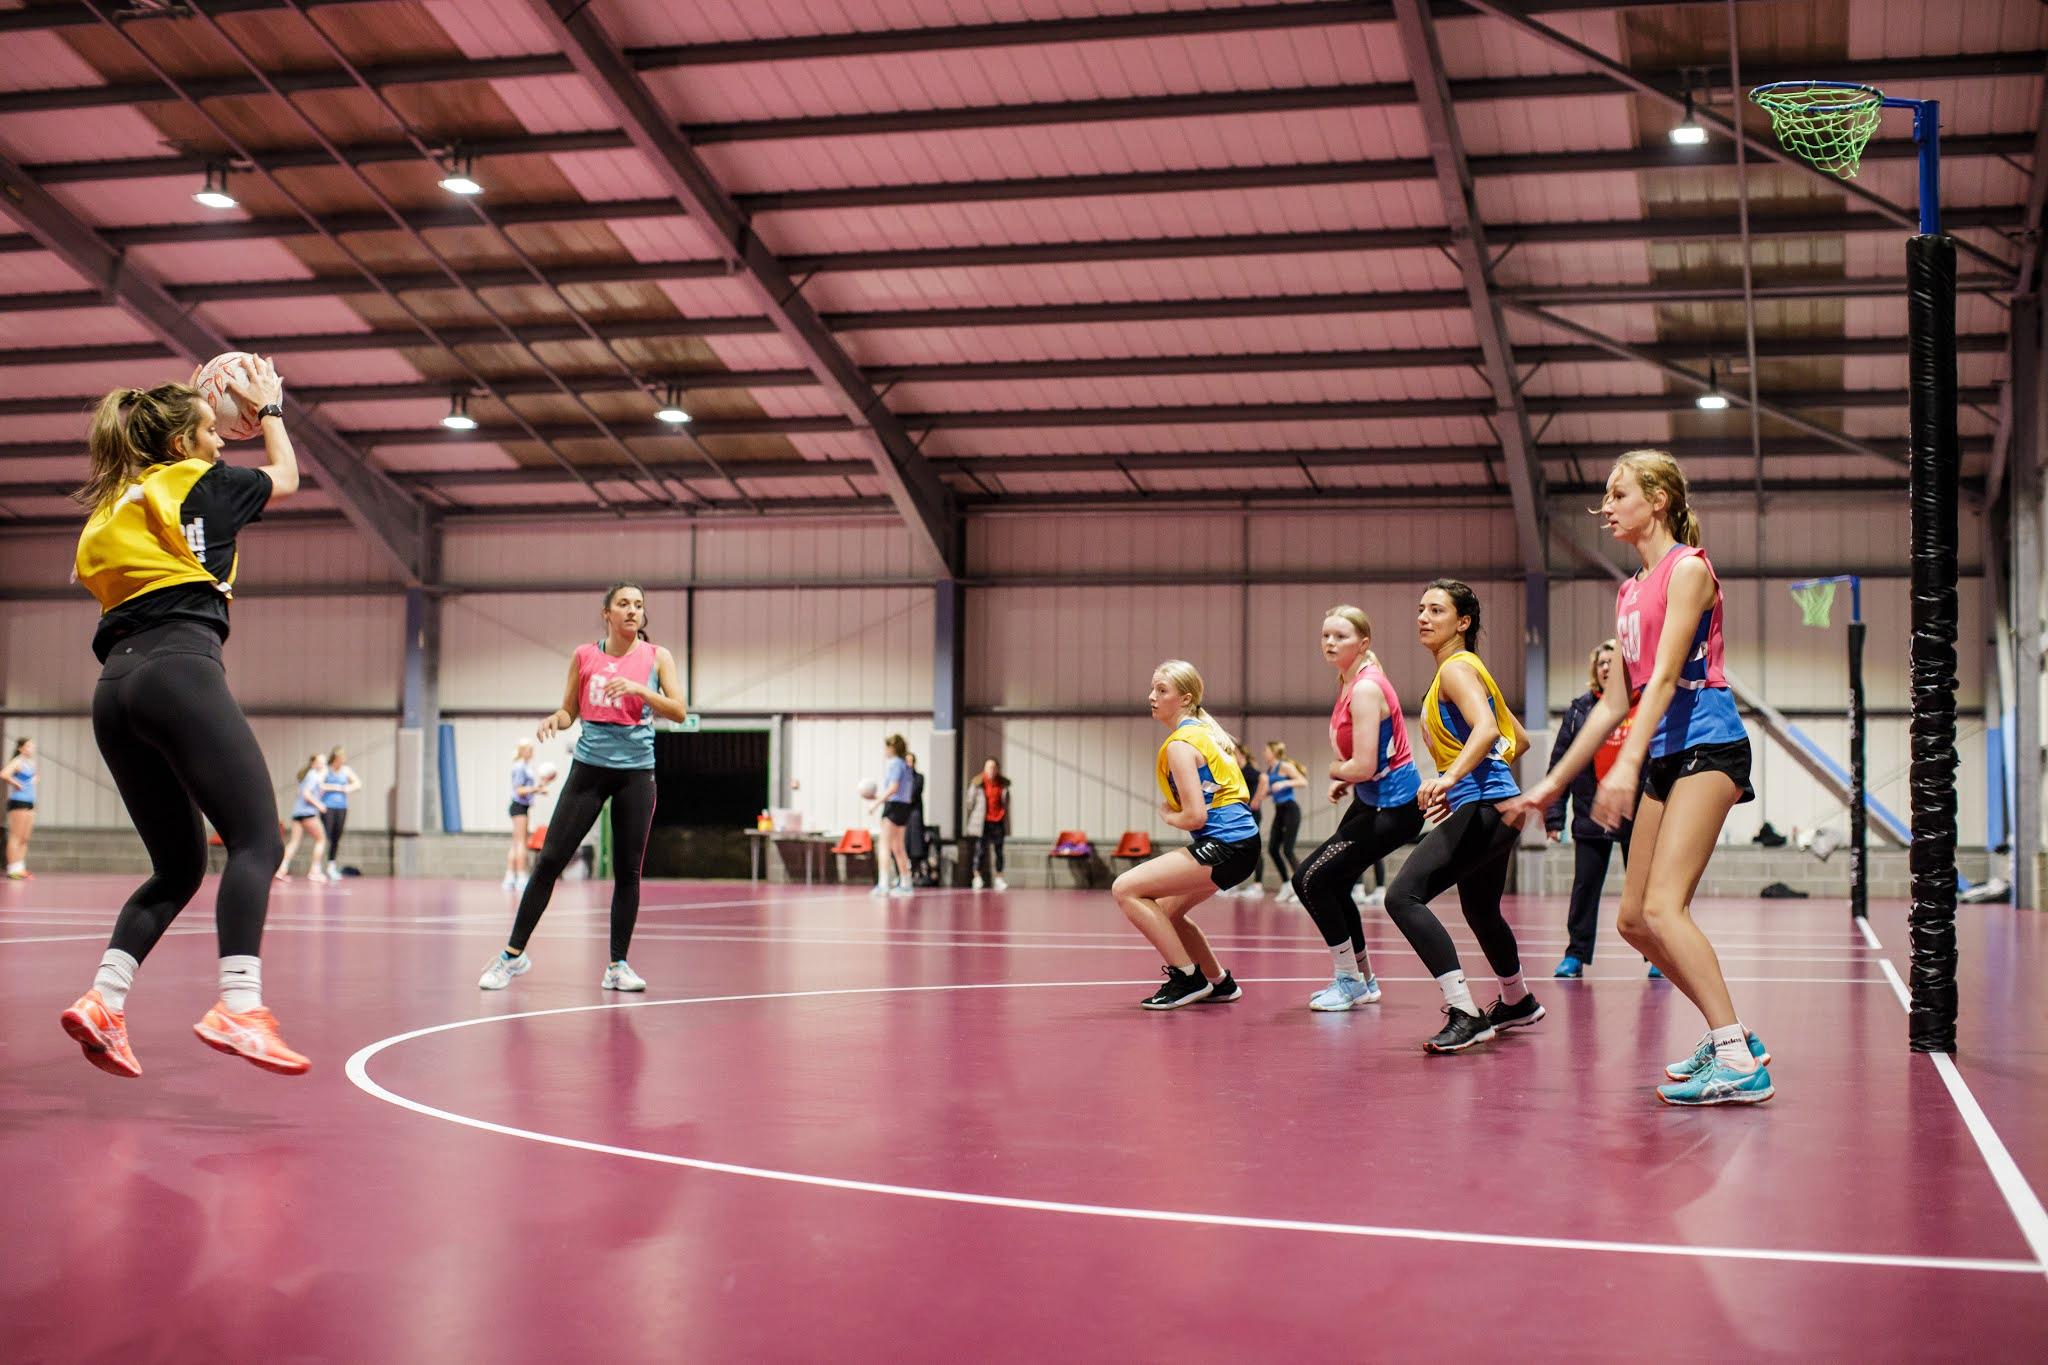 Les Ormes Sport Centre Flooring